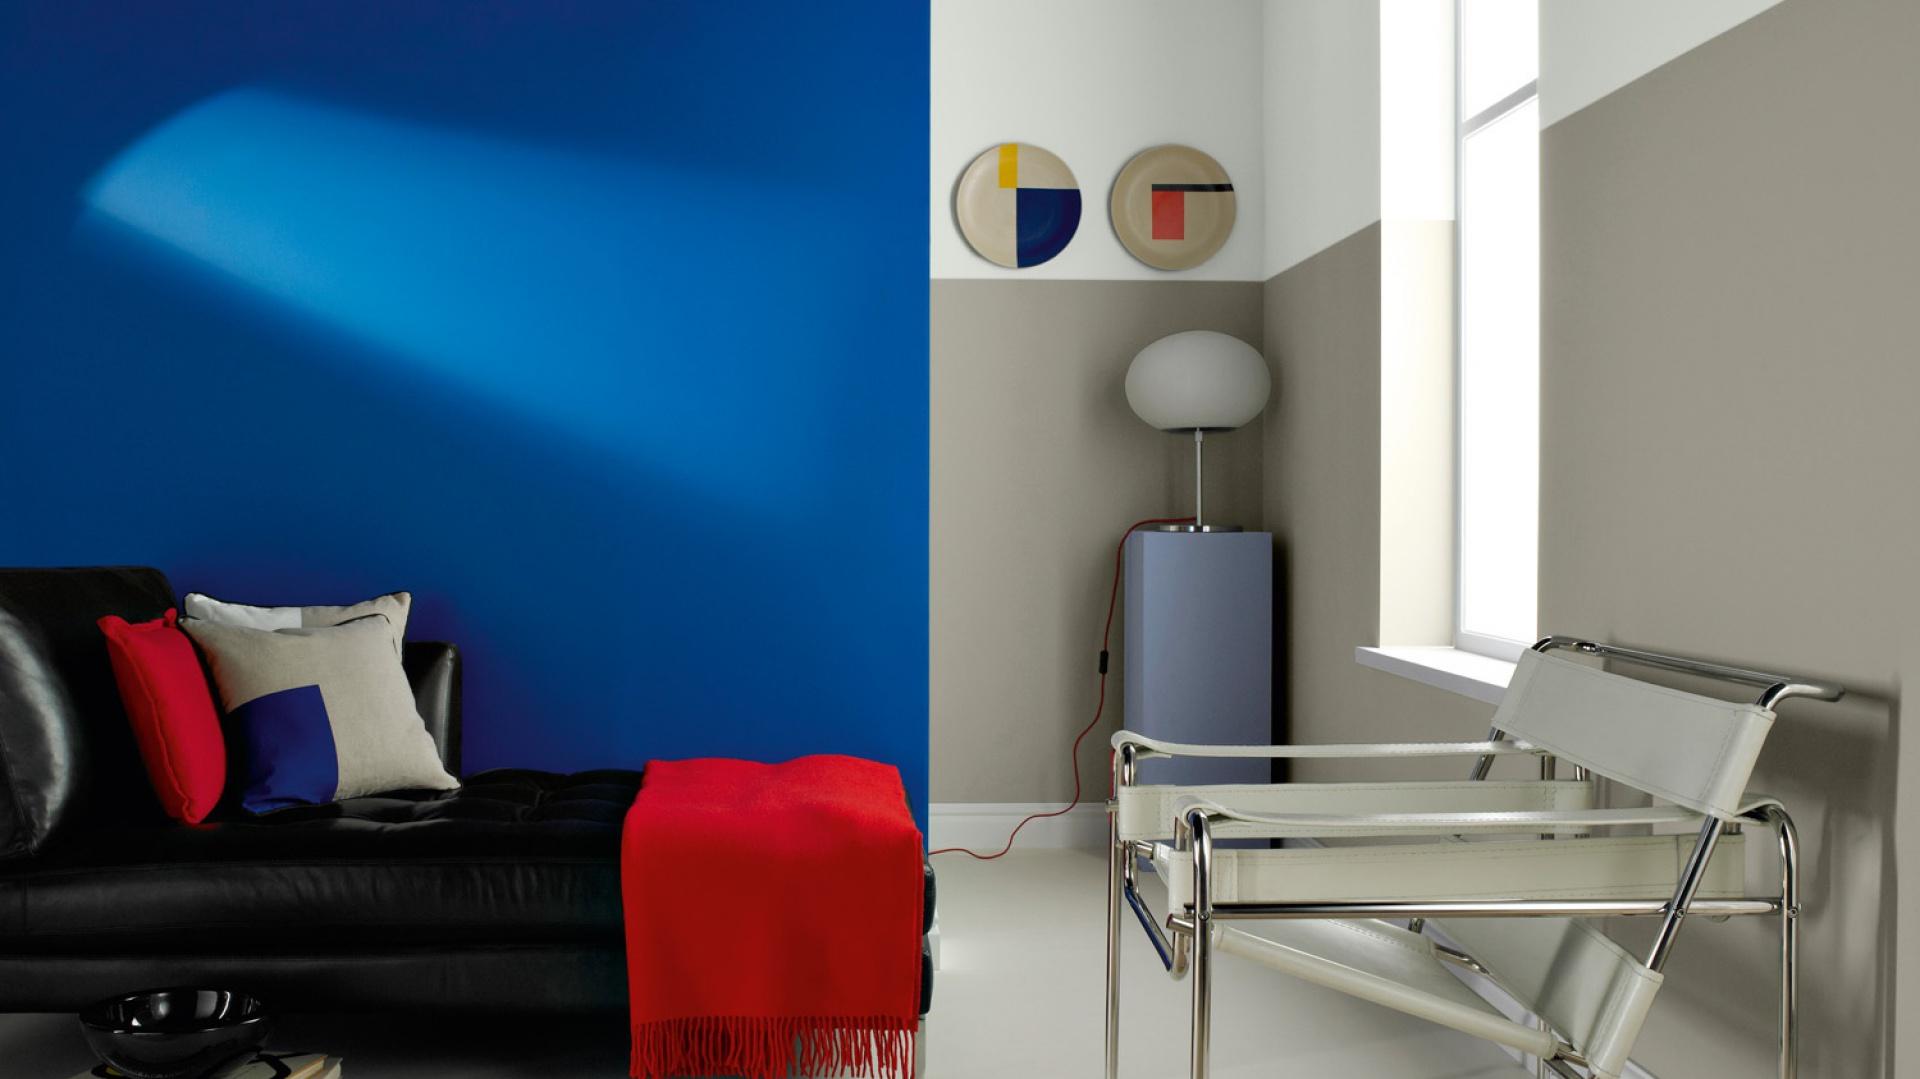 Intensywny niebieski i neutralny szary - dobry zestaw nie tylko do salonu. Fot. Farby Crown.